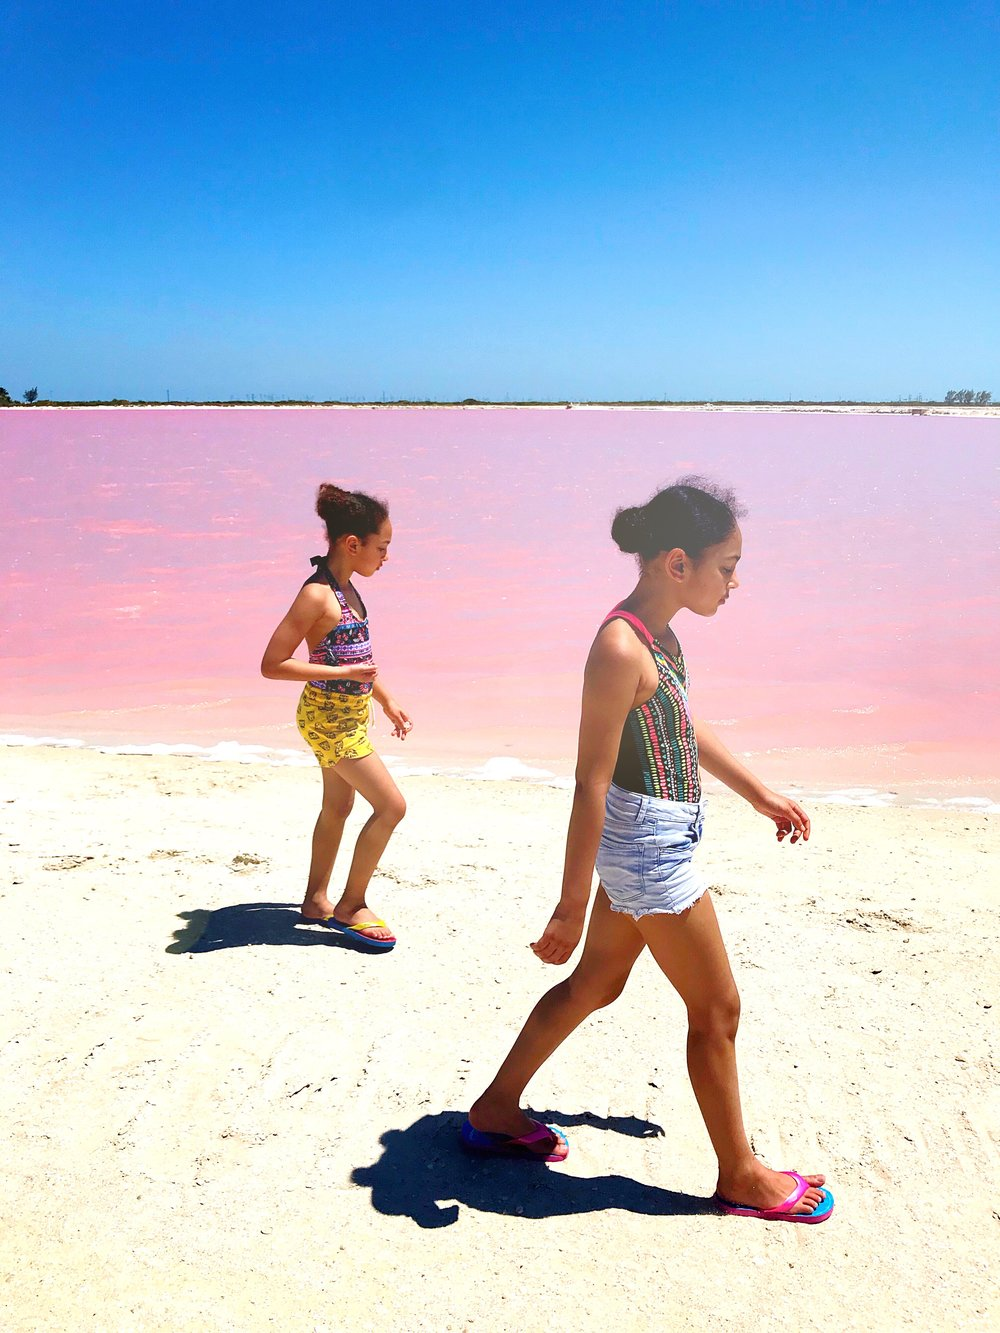 Las Coloradas, Yucatán, México